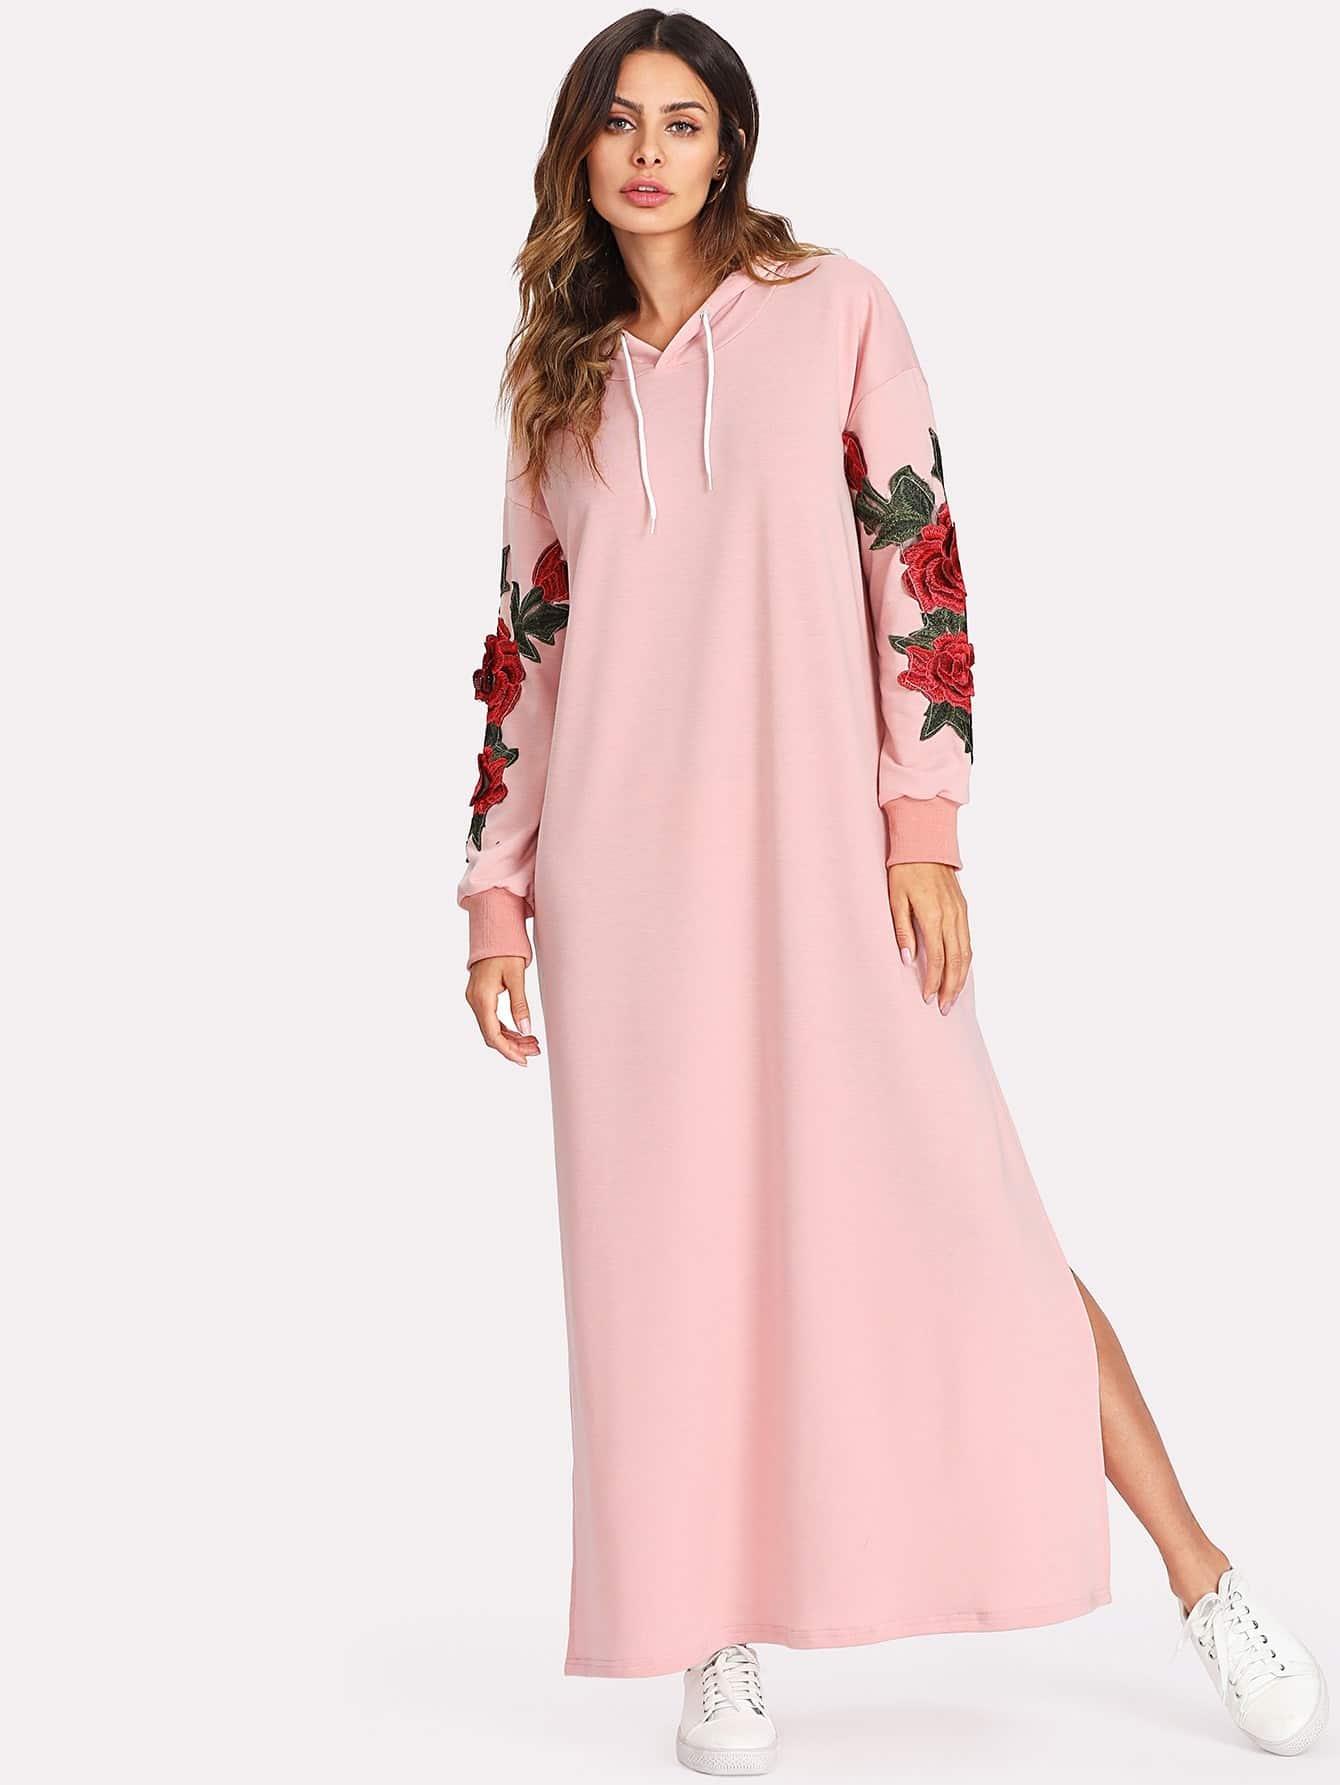 3D Embroidered Applique Slit Side Hoodie Dress embroidered rose applique side split belt dress